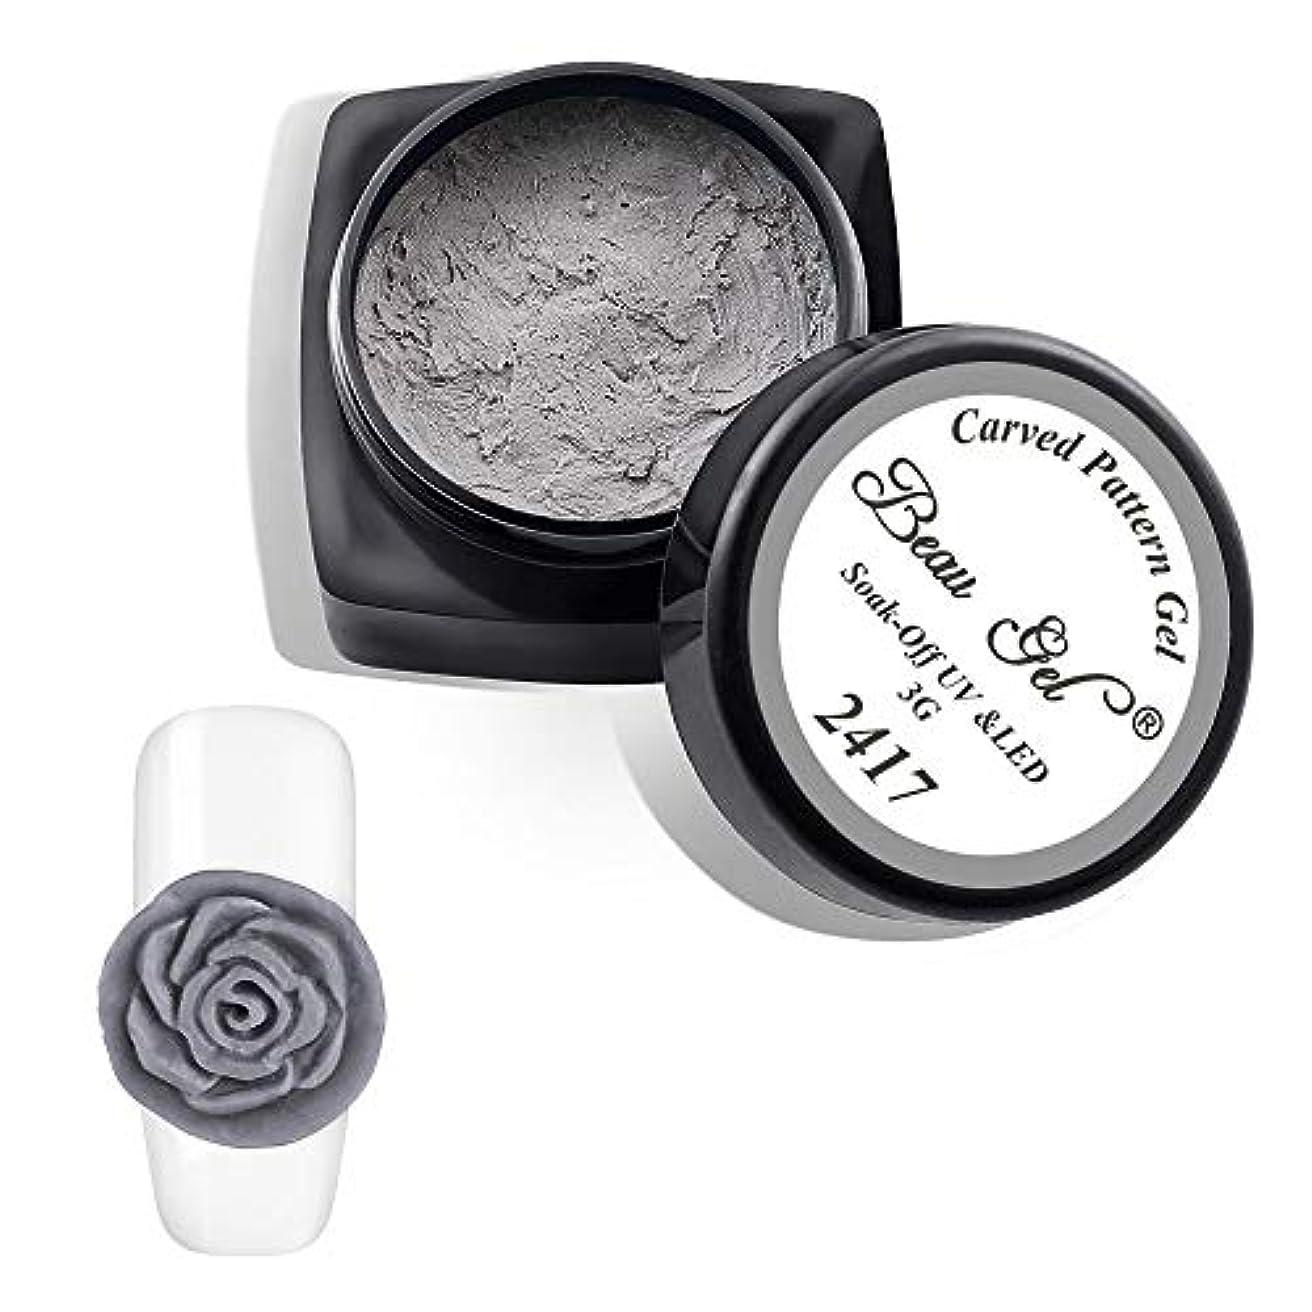 傀儡シーフード不均一Beau gel ジェルネイル カラージェル デザイン可能 1色入り 3ml-2417